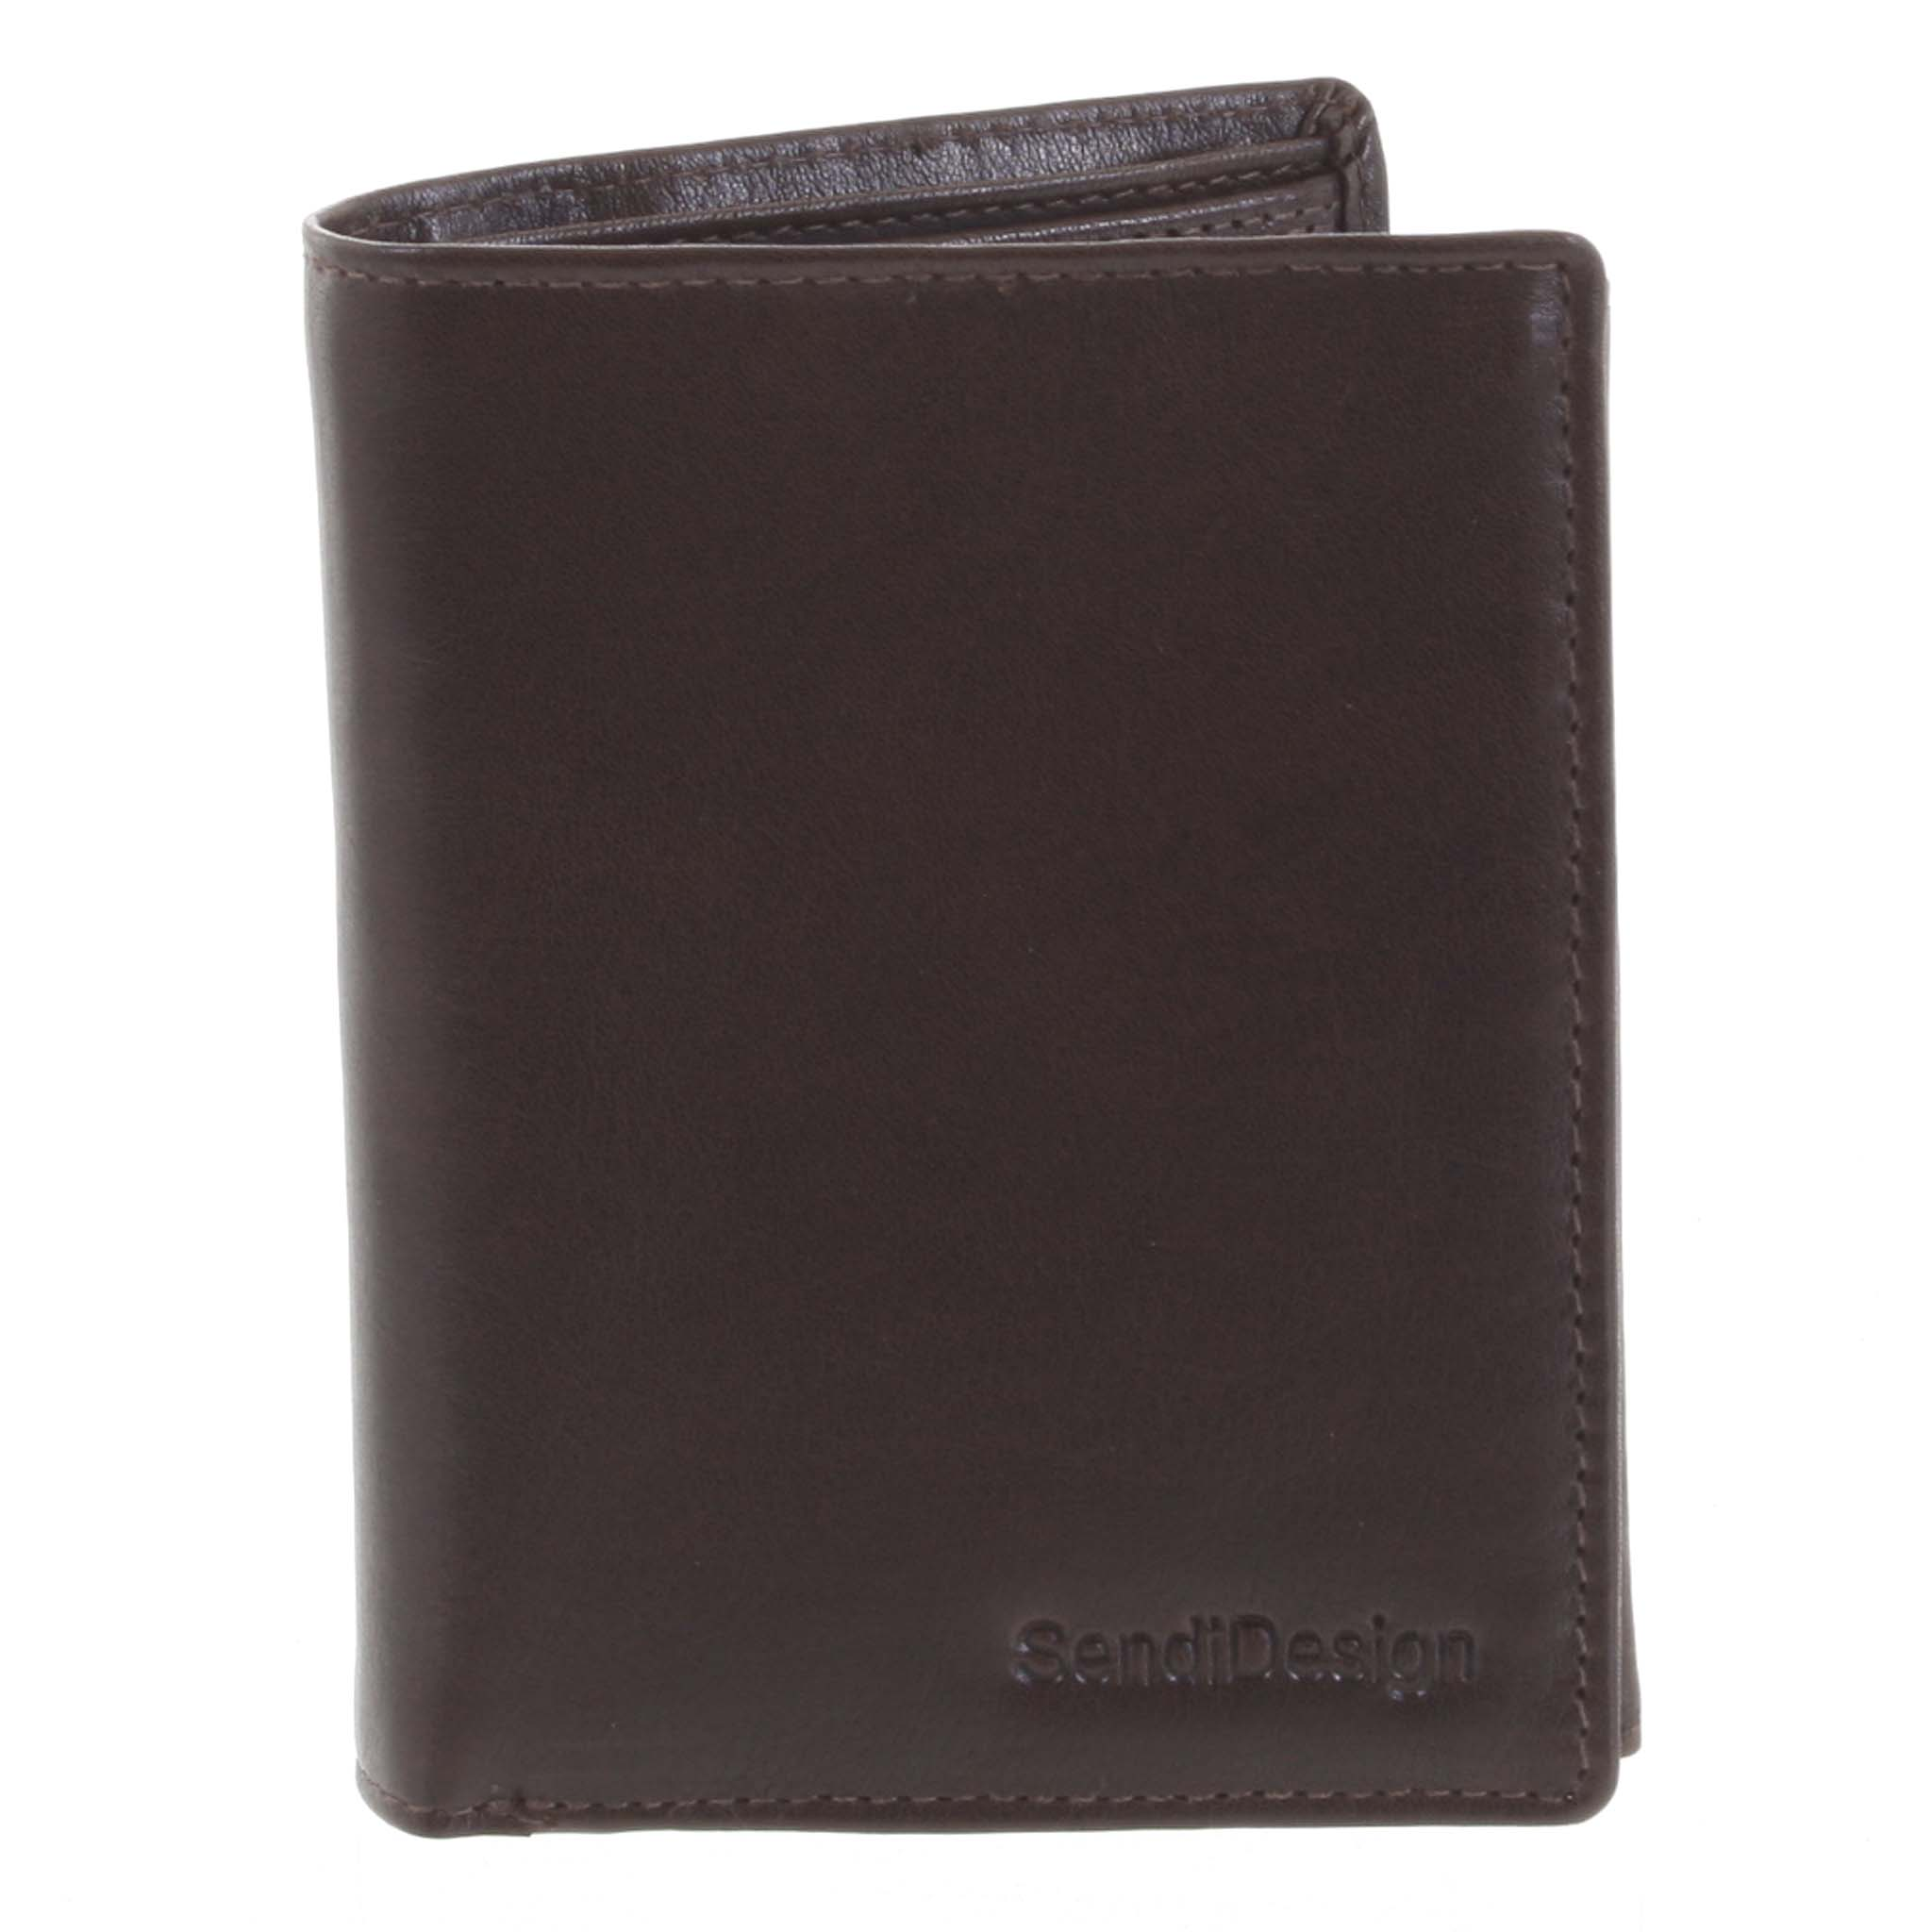 Pánska kožená peňaženka tmavohnedá - SendiDesign Benny